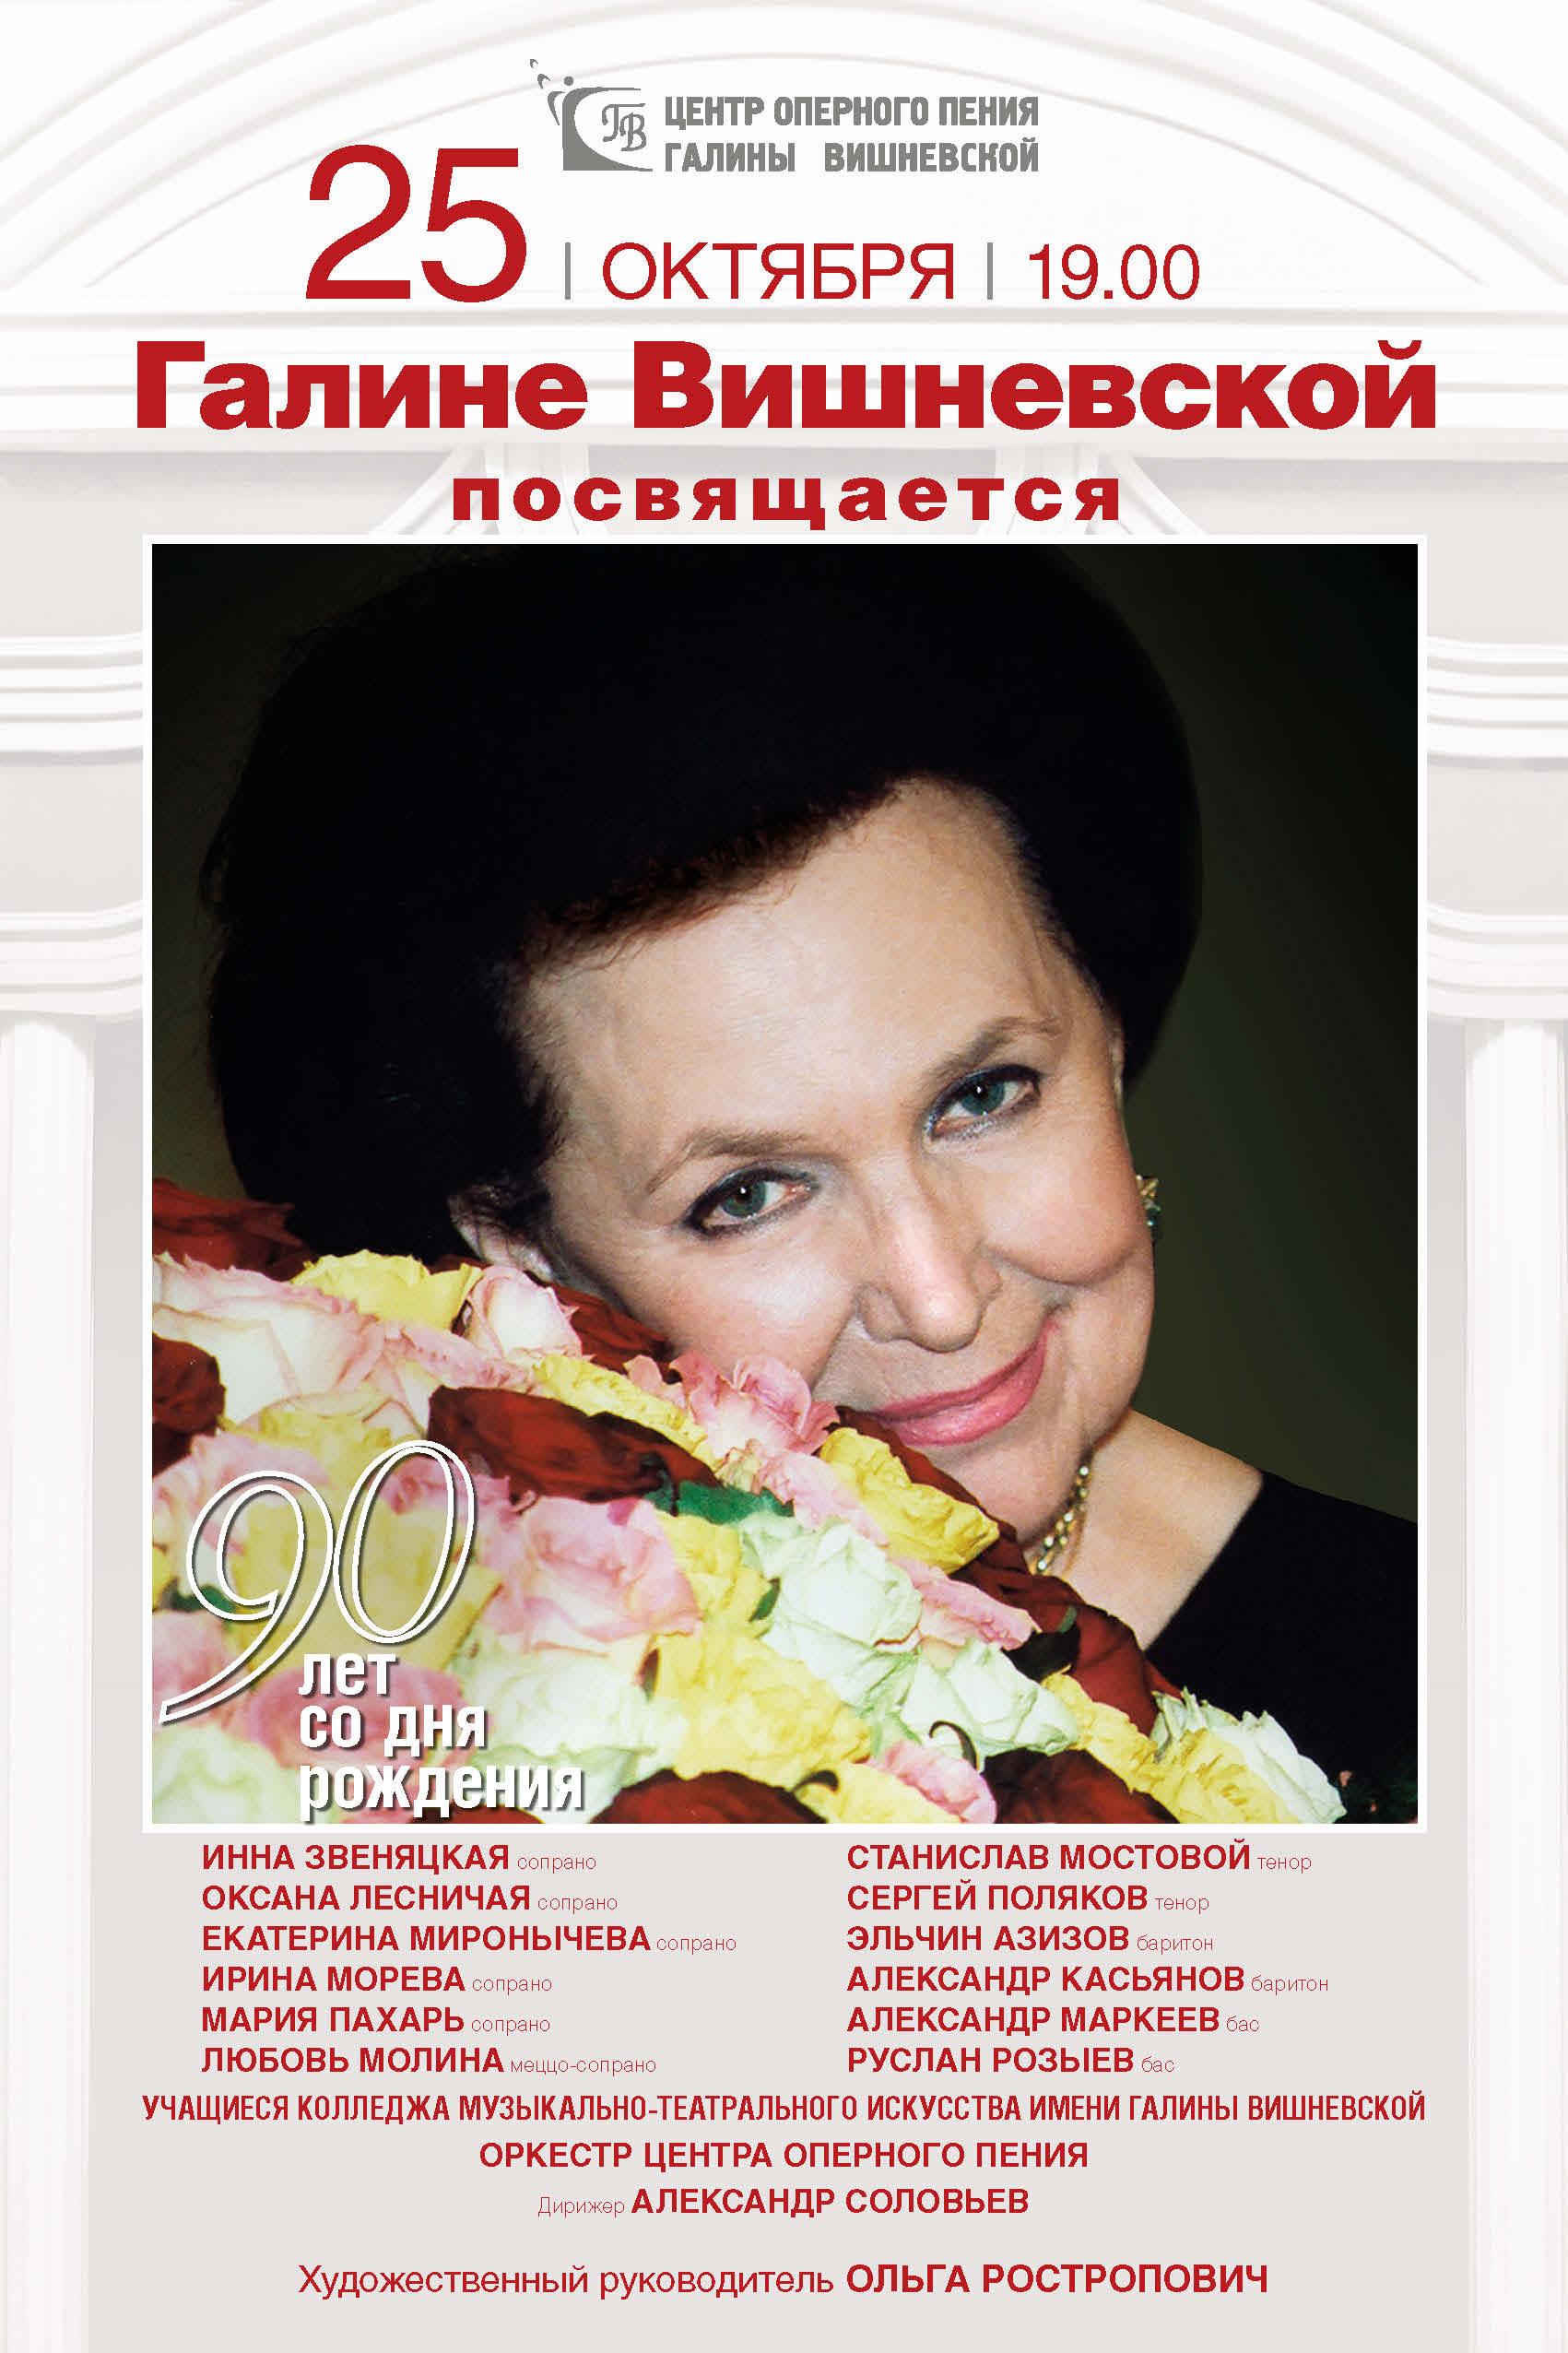 К 90-летию Галины Вишневской